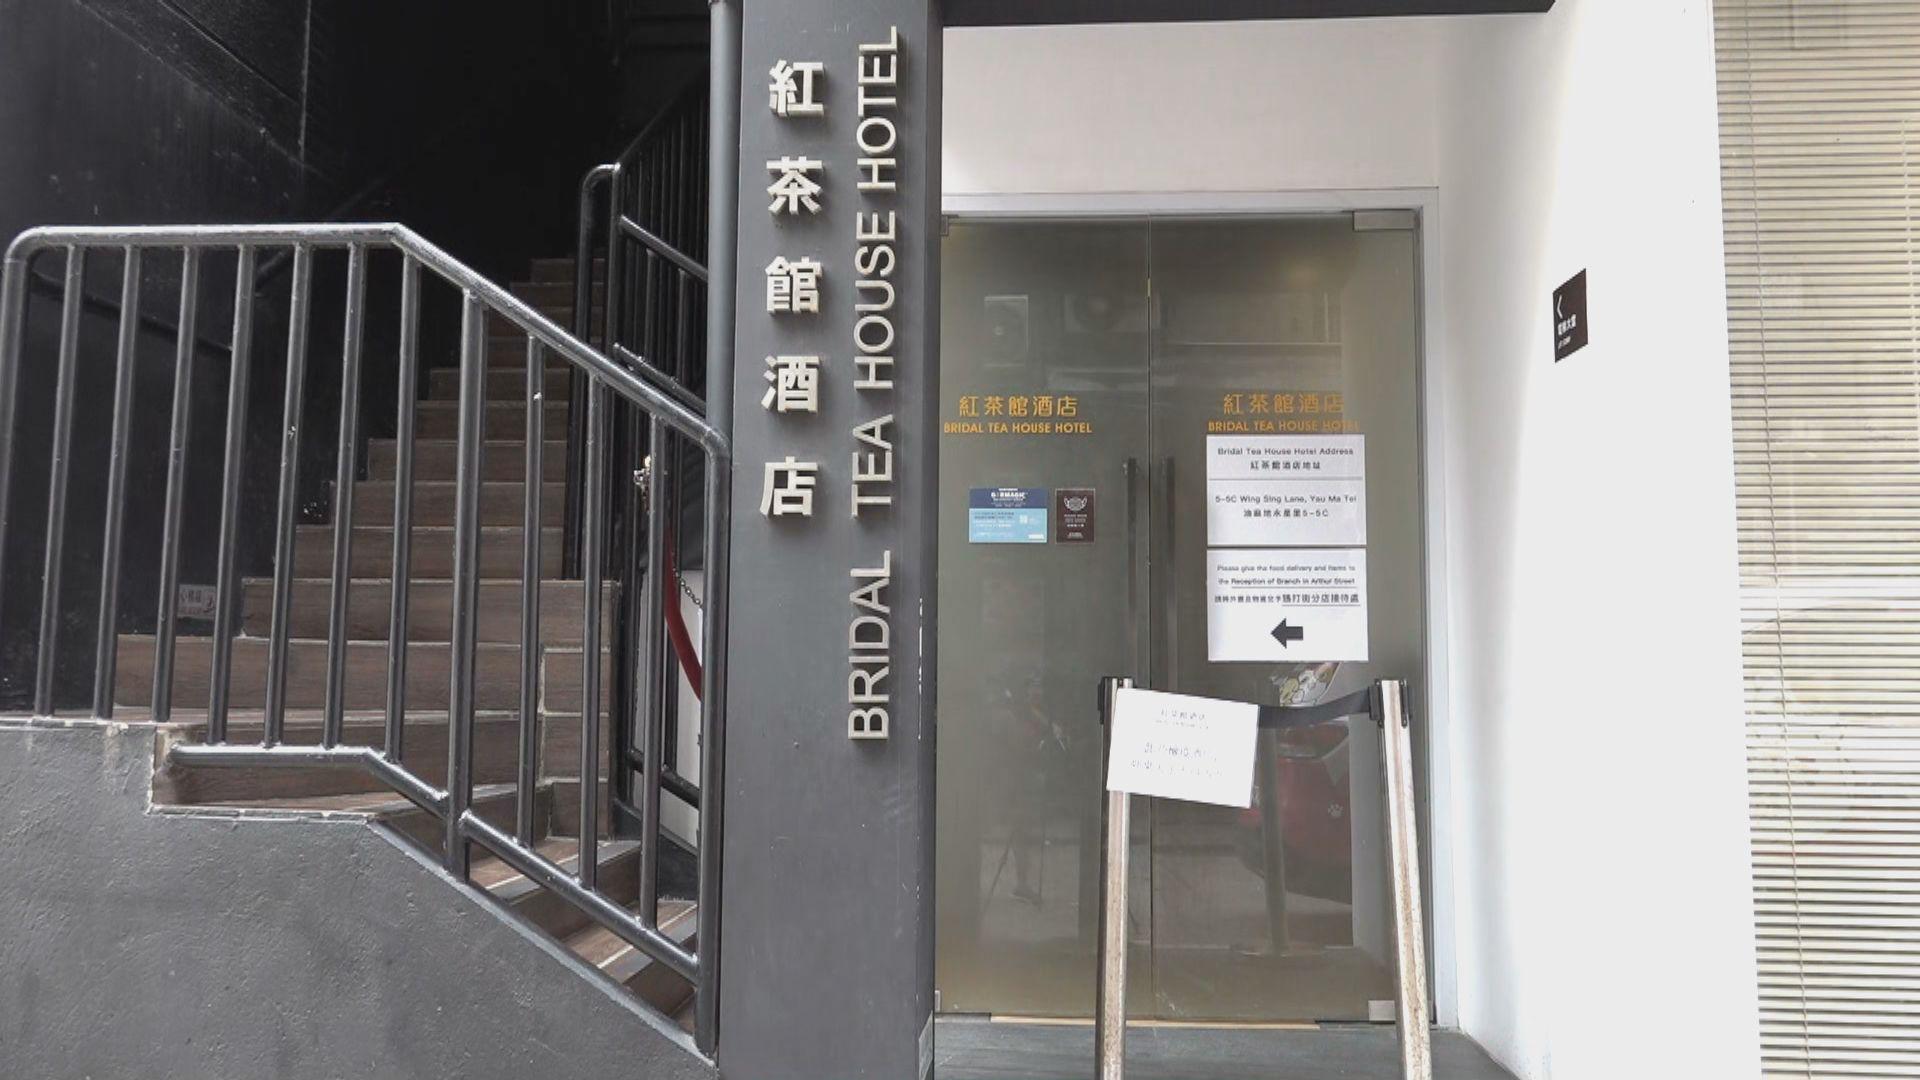 本港新增11宗確診 紅茶館清潔女工列源頭不明個案